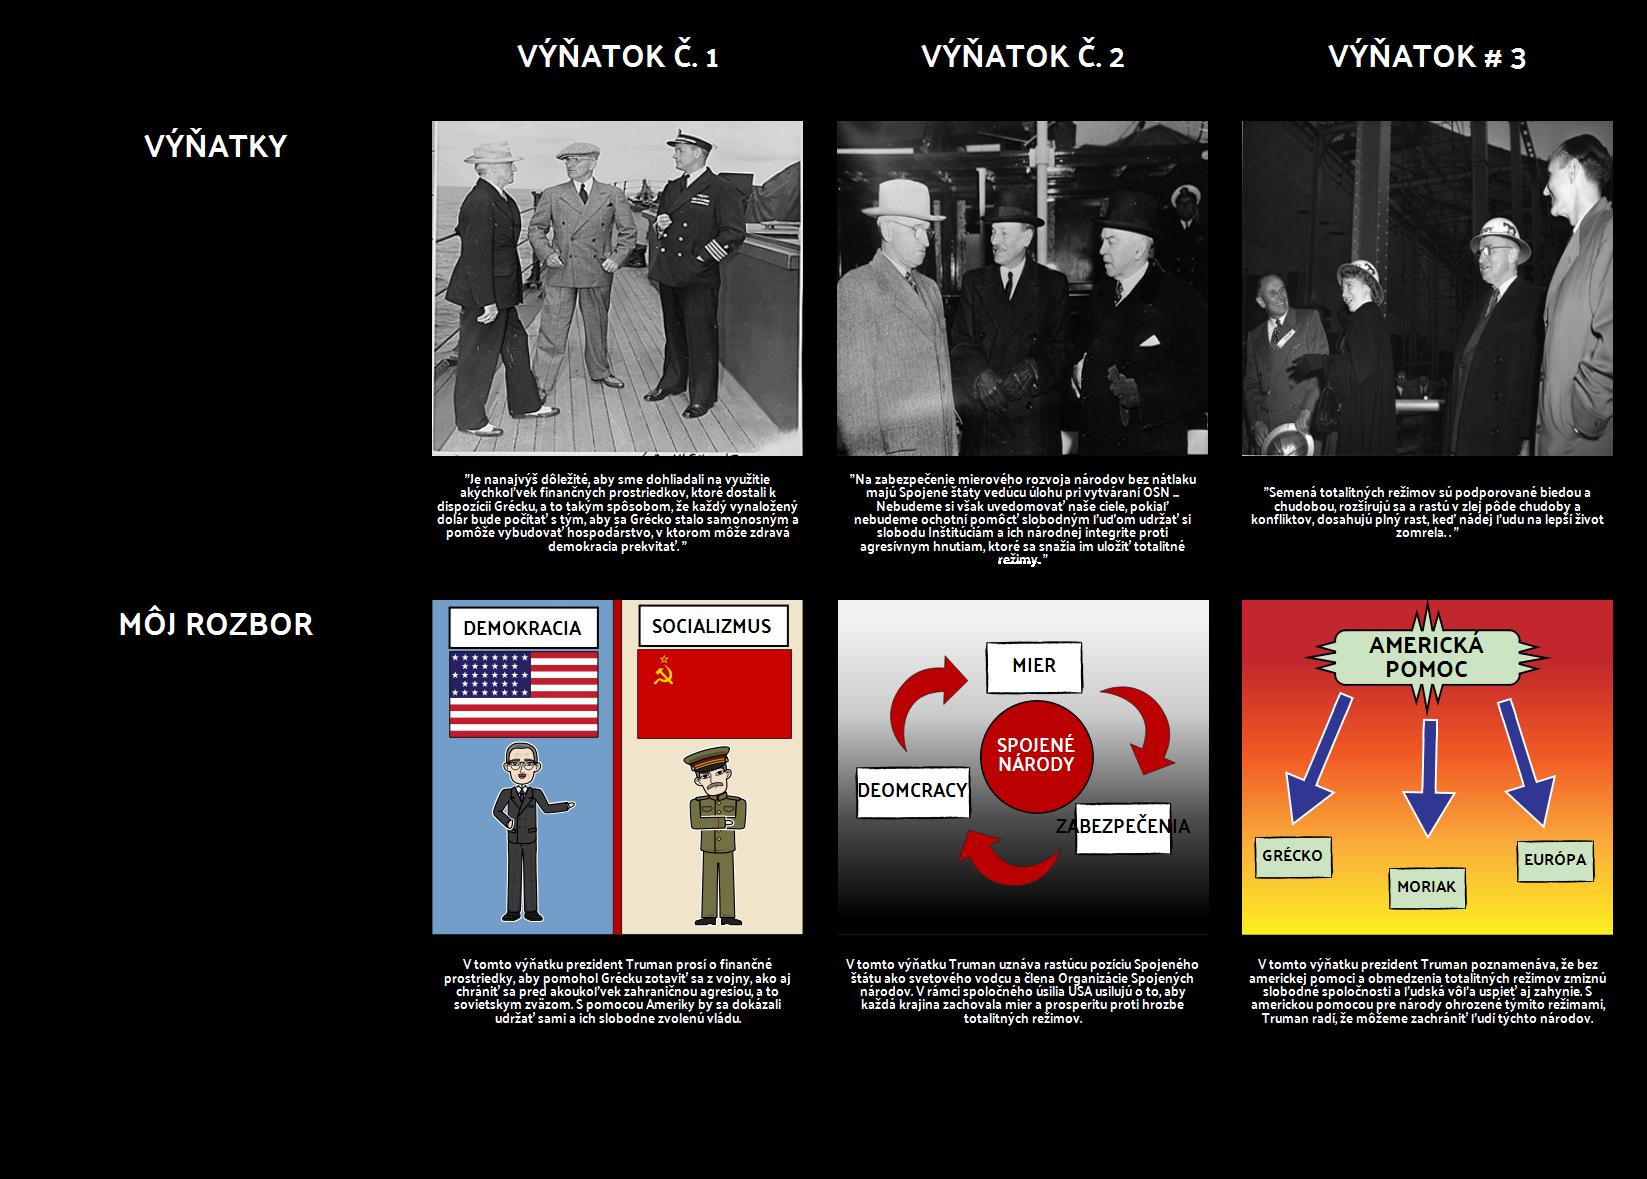 Trumanské Predsedníctvo - Trumanova Doktrína